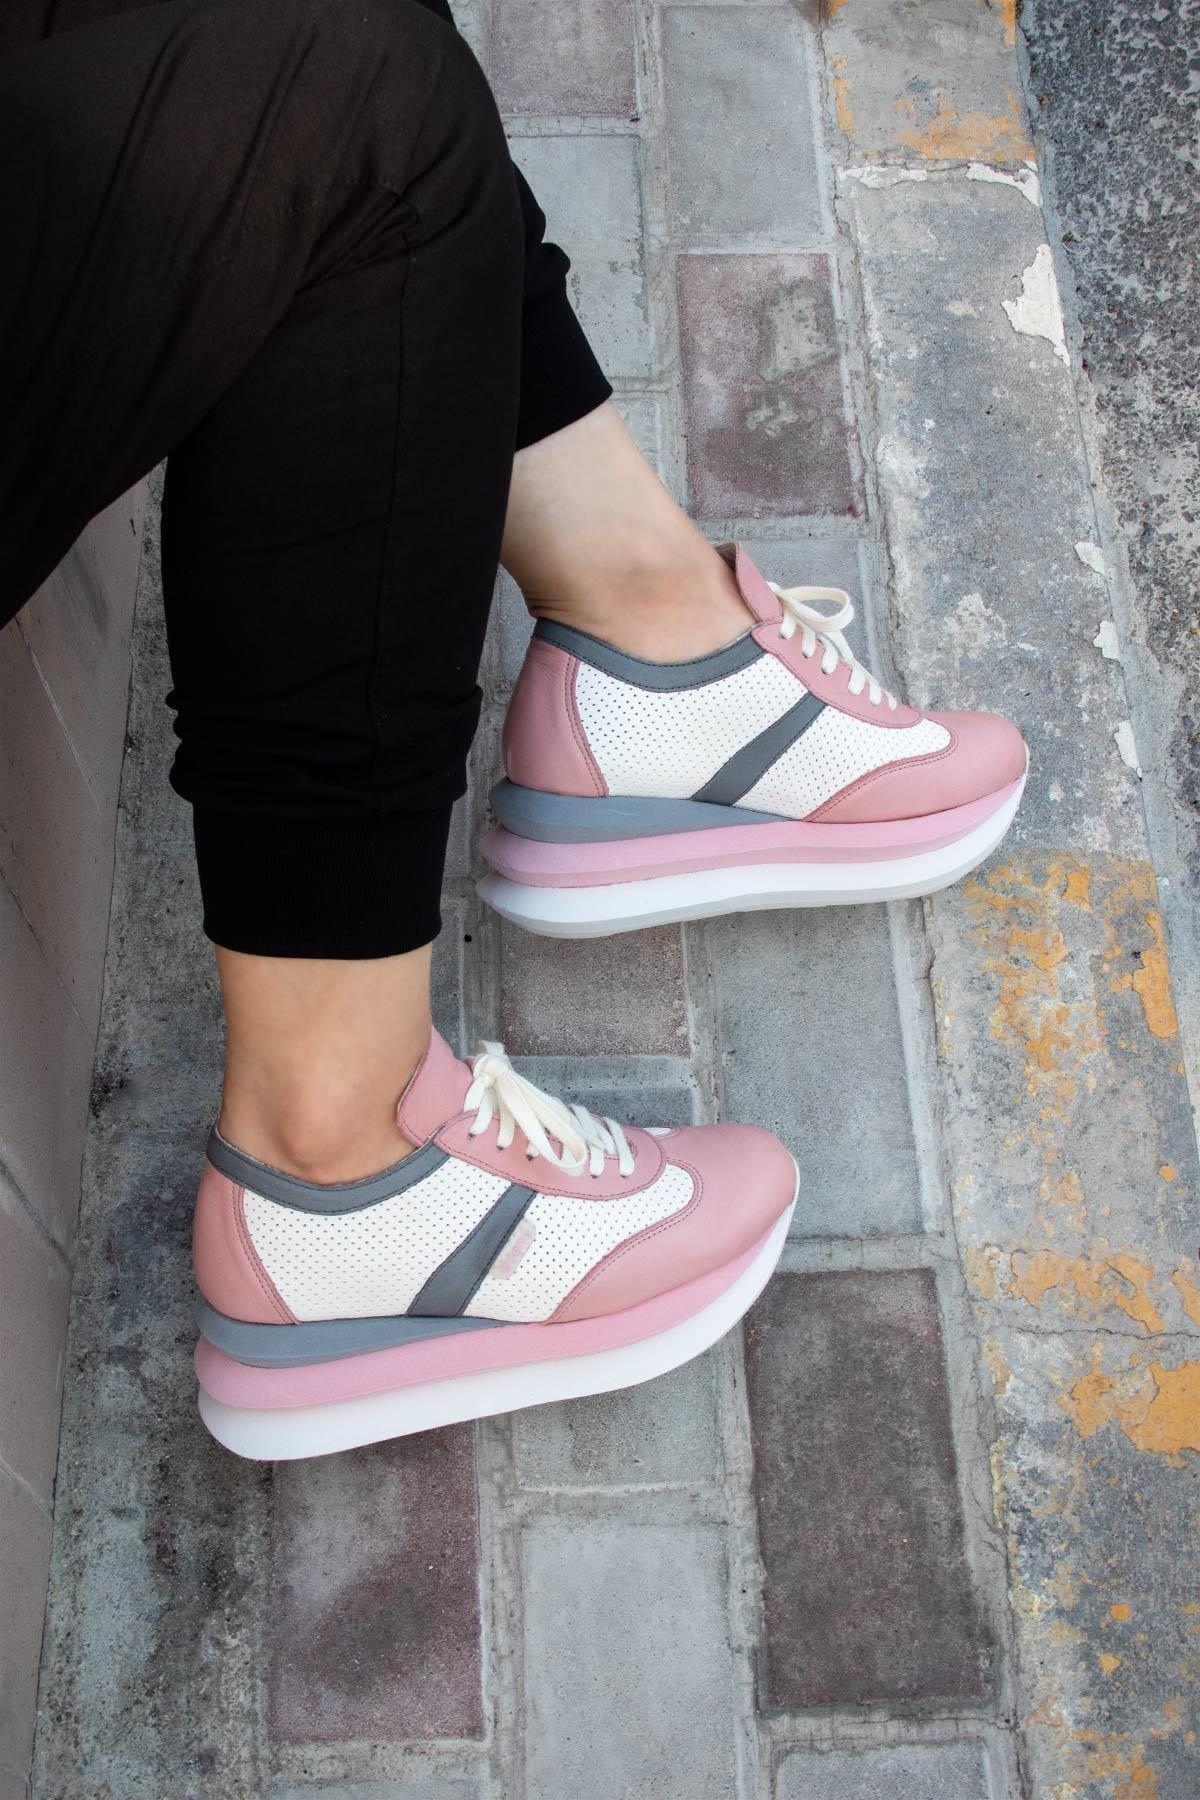 BUENO Shoes Hakiki Deri File Detaylı Bağcıklı Kadın Spor Ayakkabı 20wq10402 1